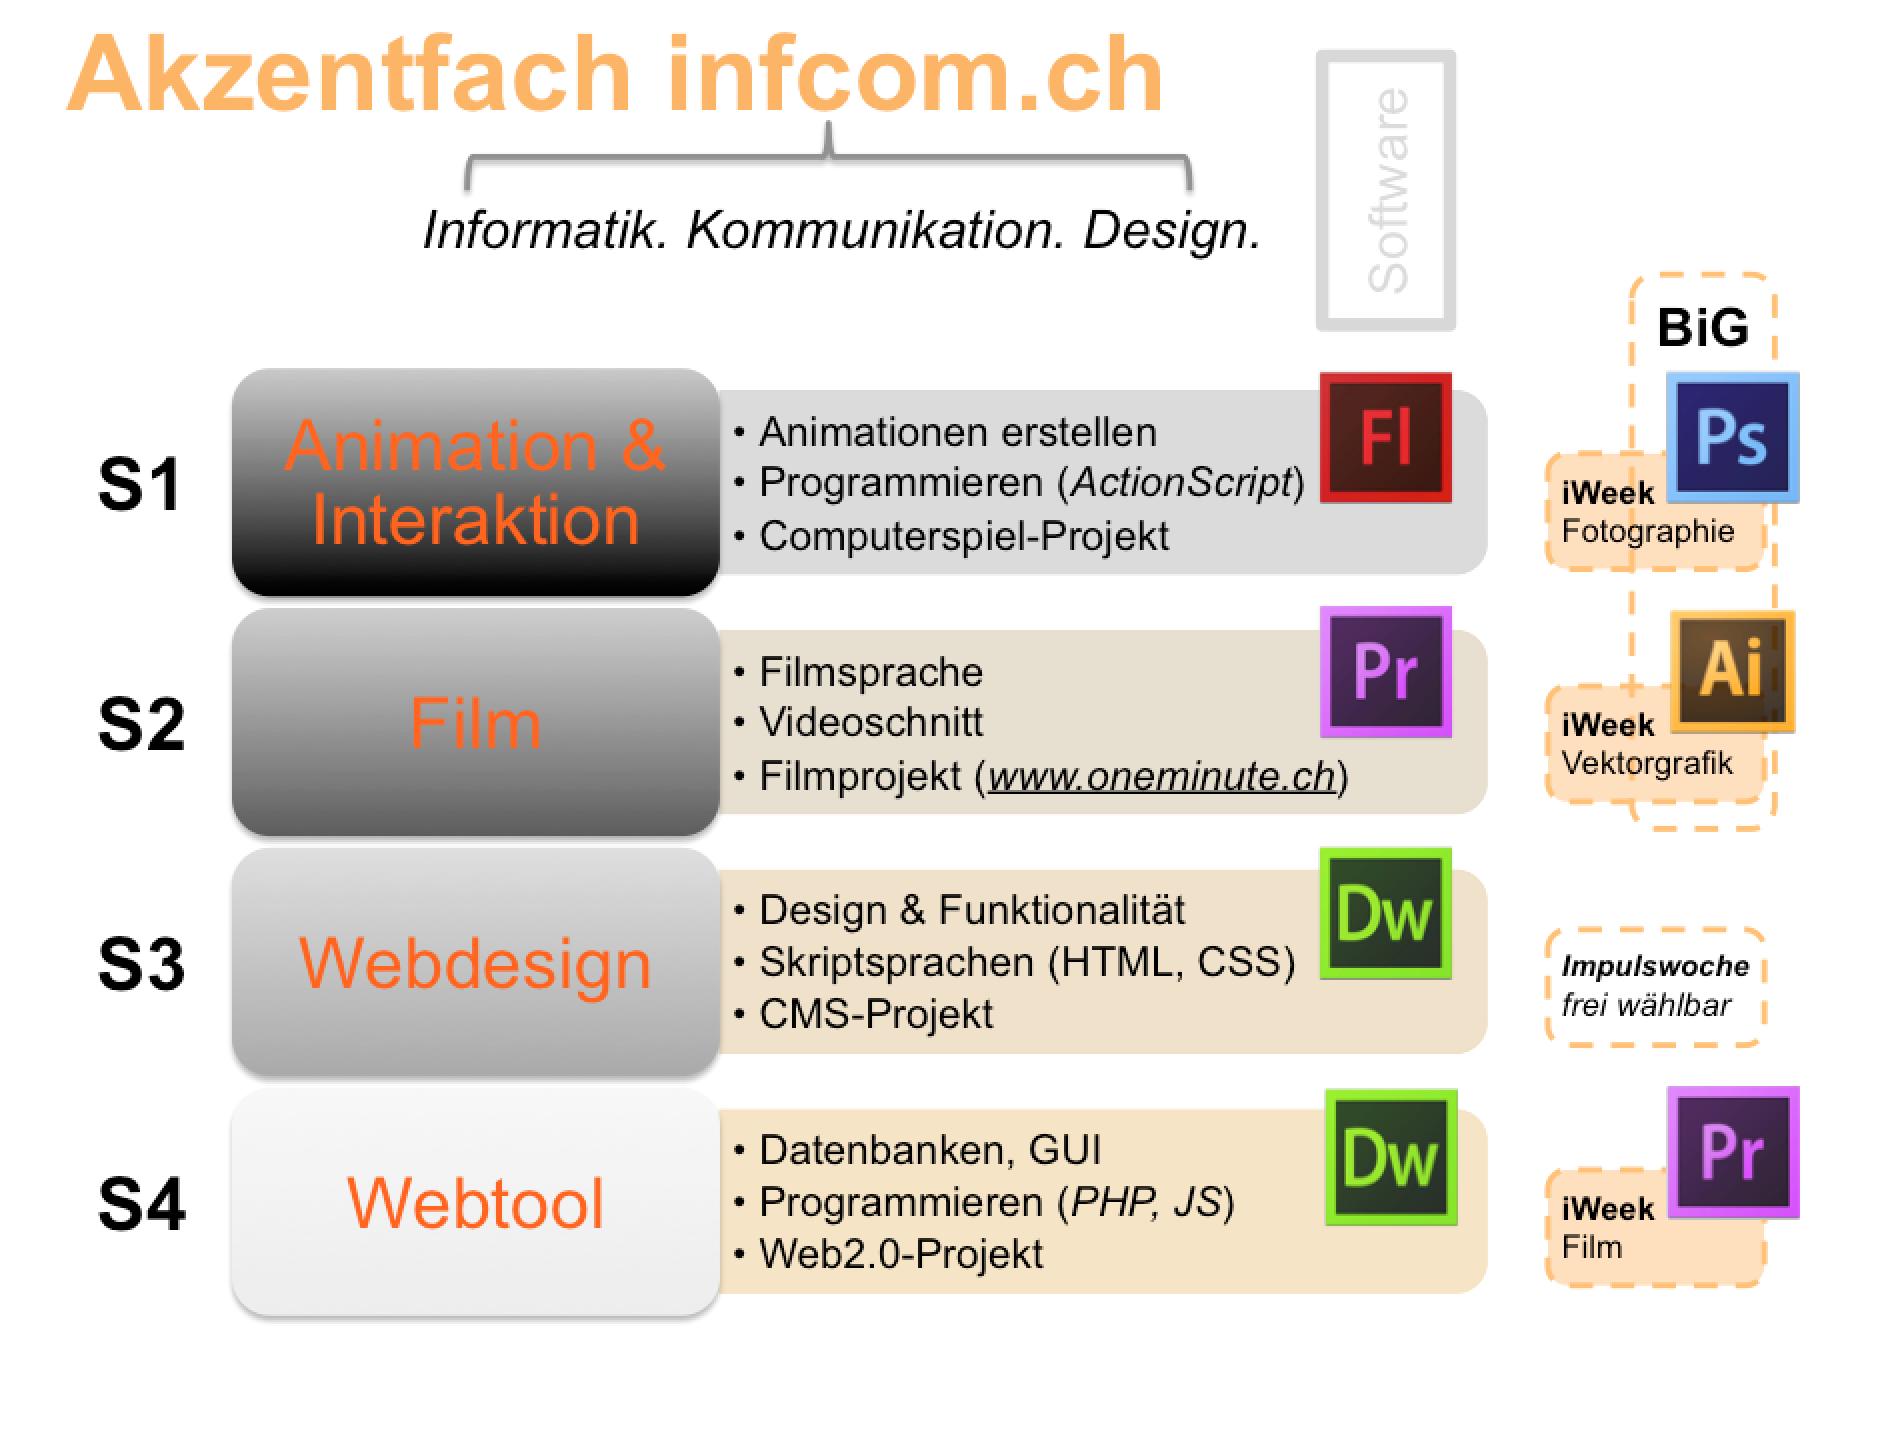 infcom.ch Schema 2